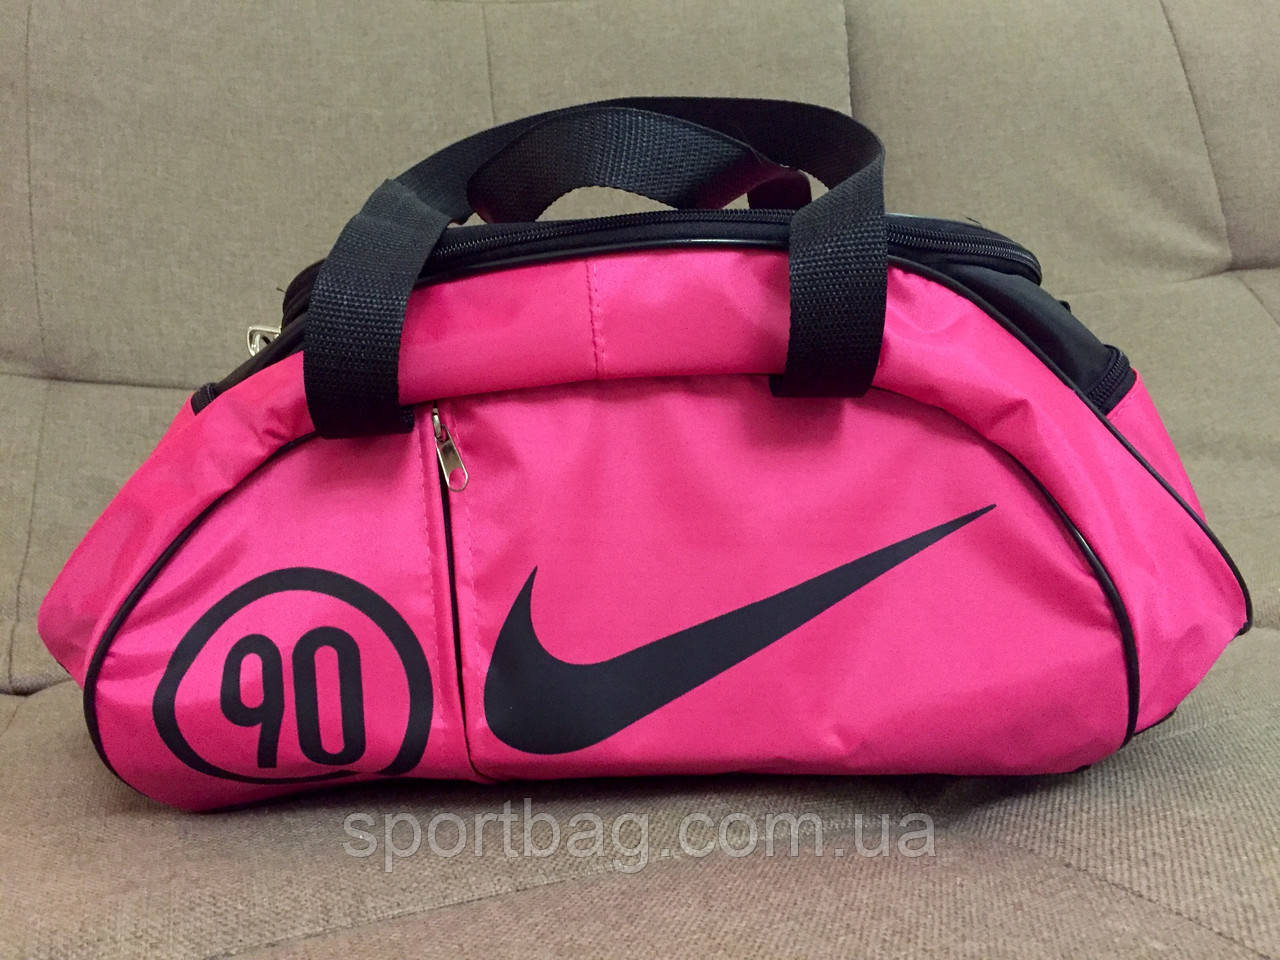 d5f9217c Сумка женская спортивная Nike (розовая + черный цвет) - Интернет-магазин  Sportbag.